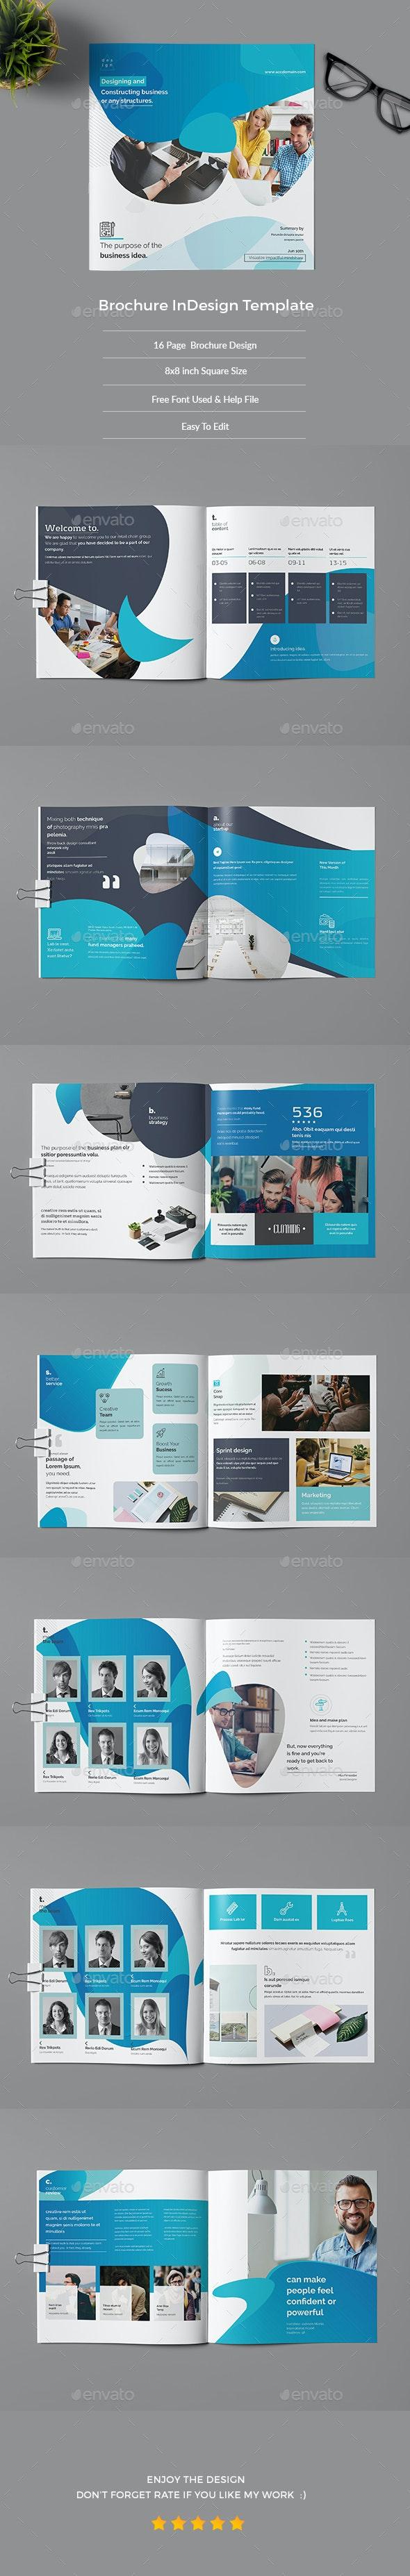 Brochure Indesign Template - Corporate Brochures